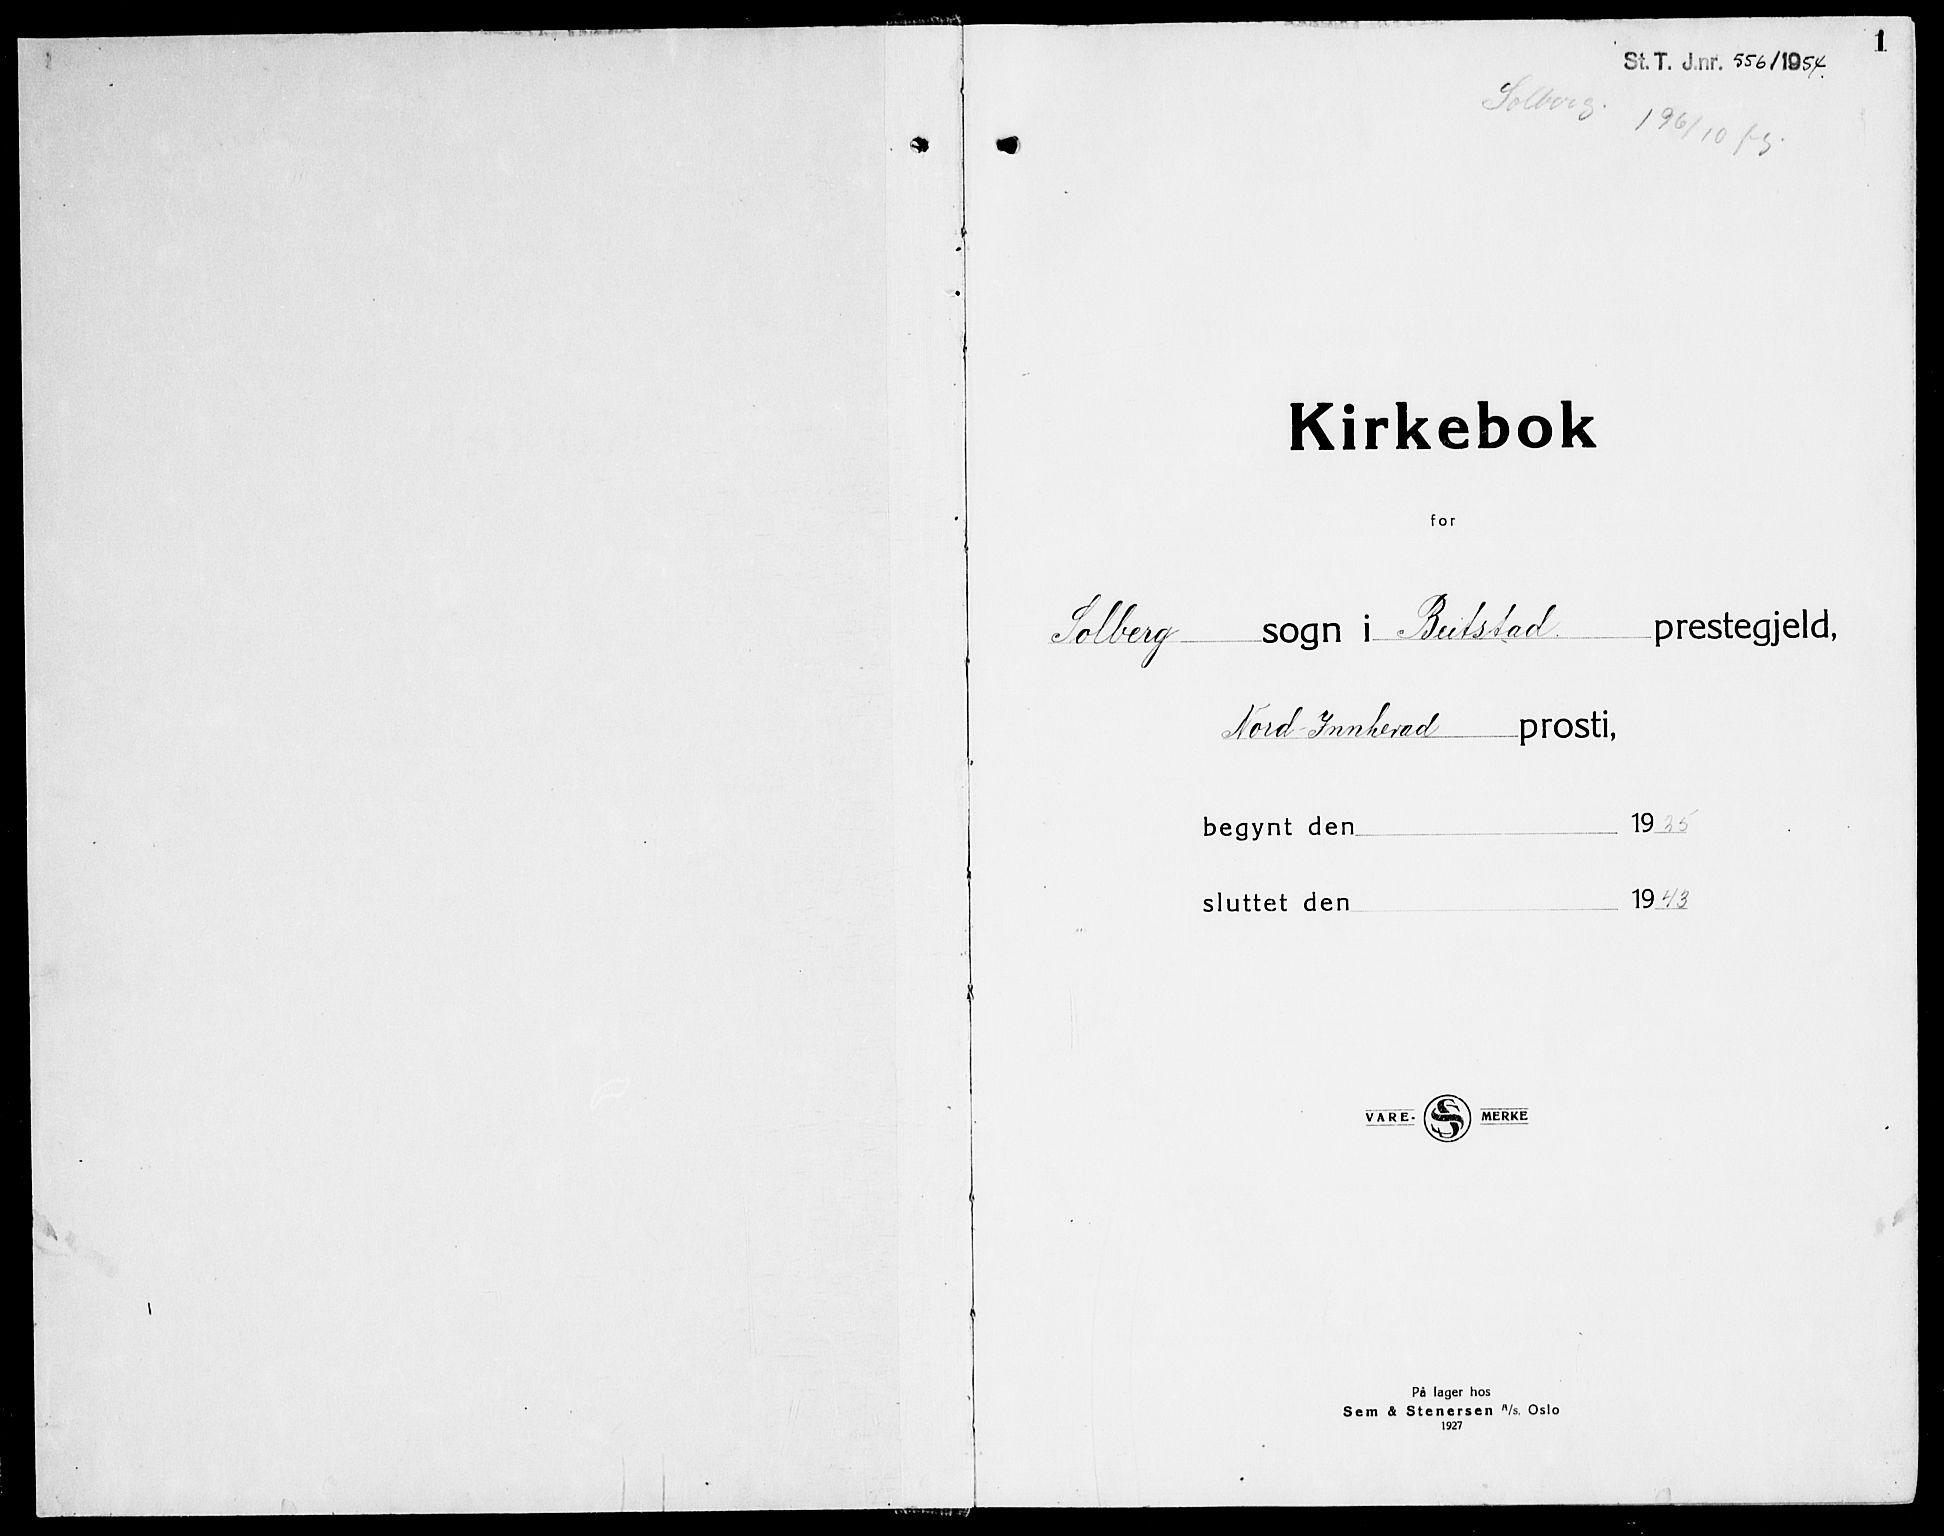 SAT, Ministerialprotokoller, klokkerbøker og fødselsregistre - Nord-Trøndelag, 741/L0403: Ministerialbok nr. 741C04, 1925-1944, s. 1